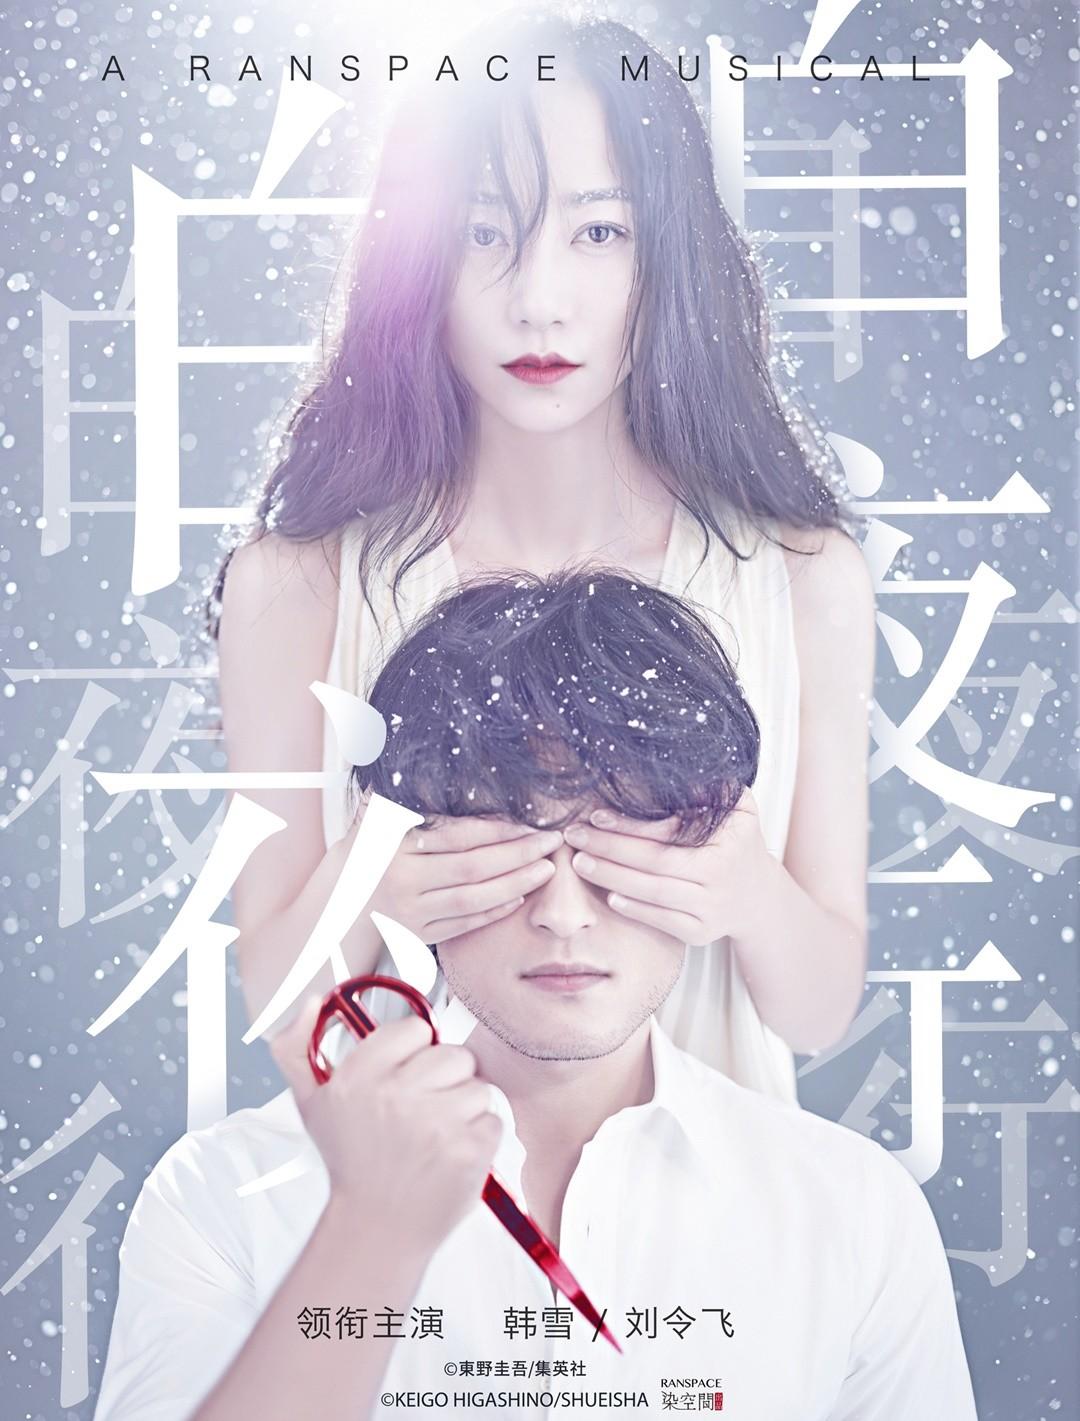 韩雪、刘令飞主演音乐剧《白夜行》